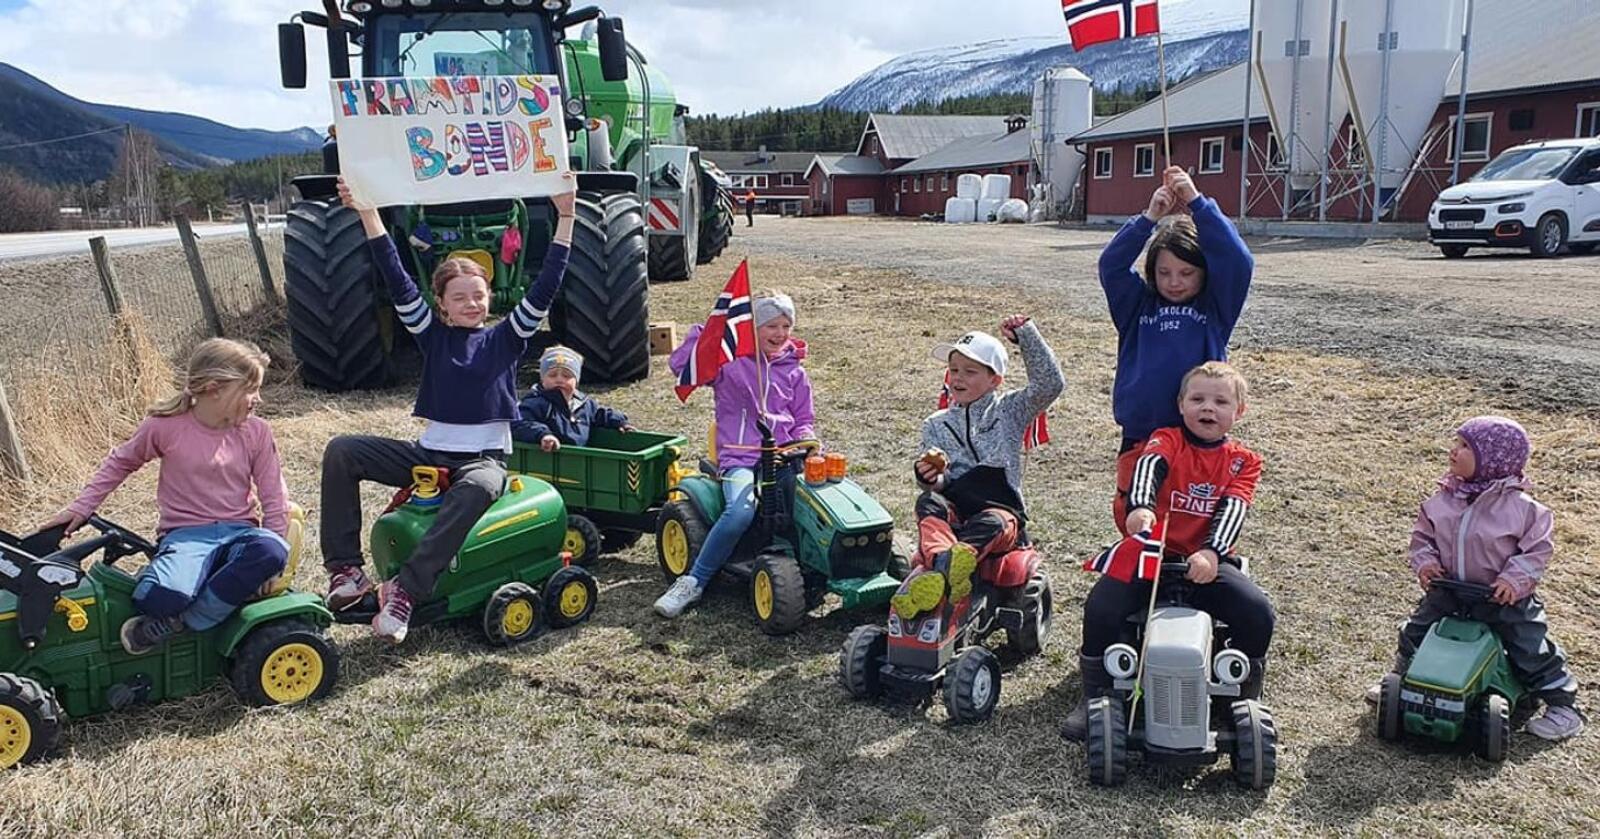 Framtidas bønder under ein aksjon på Dovre. Foto: Bjørnhild Vigerust